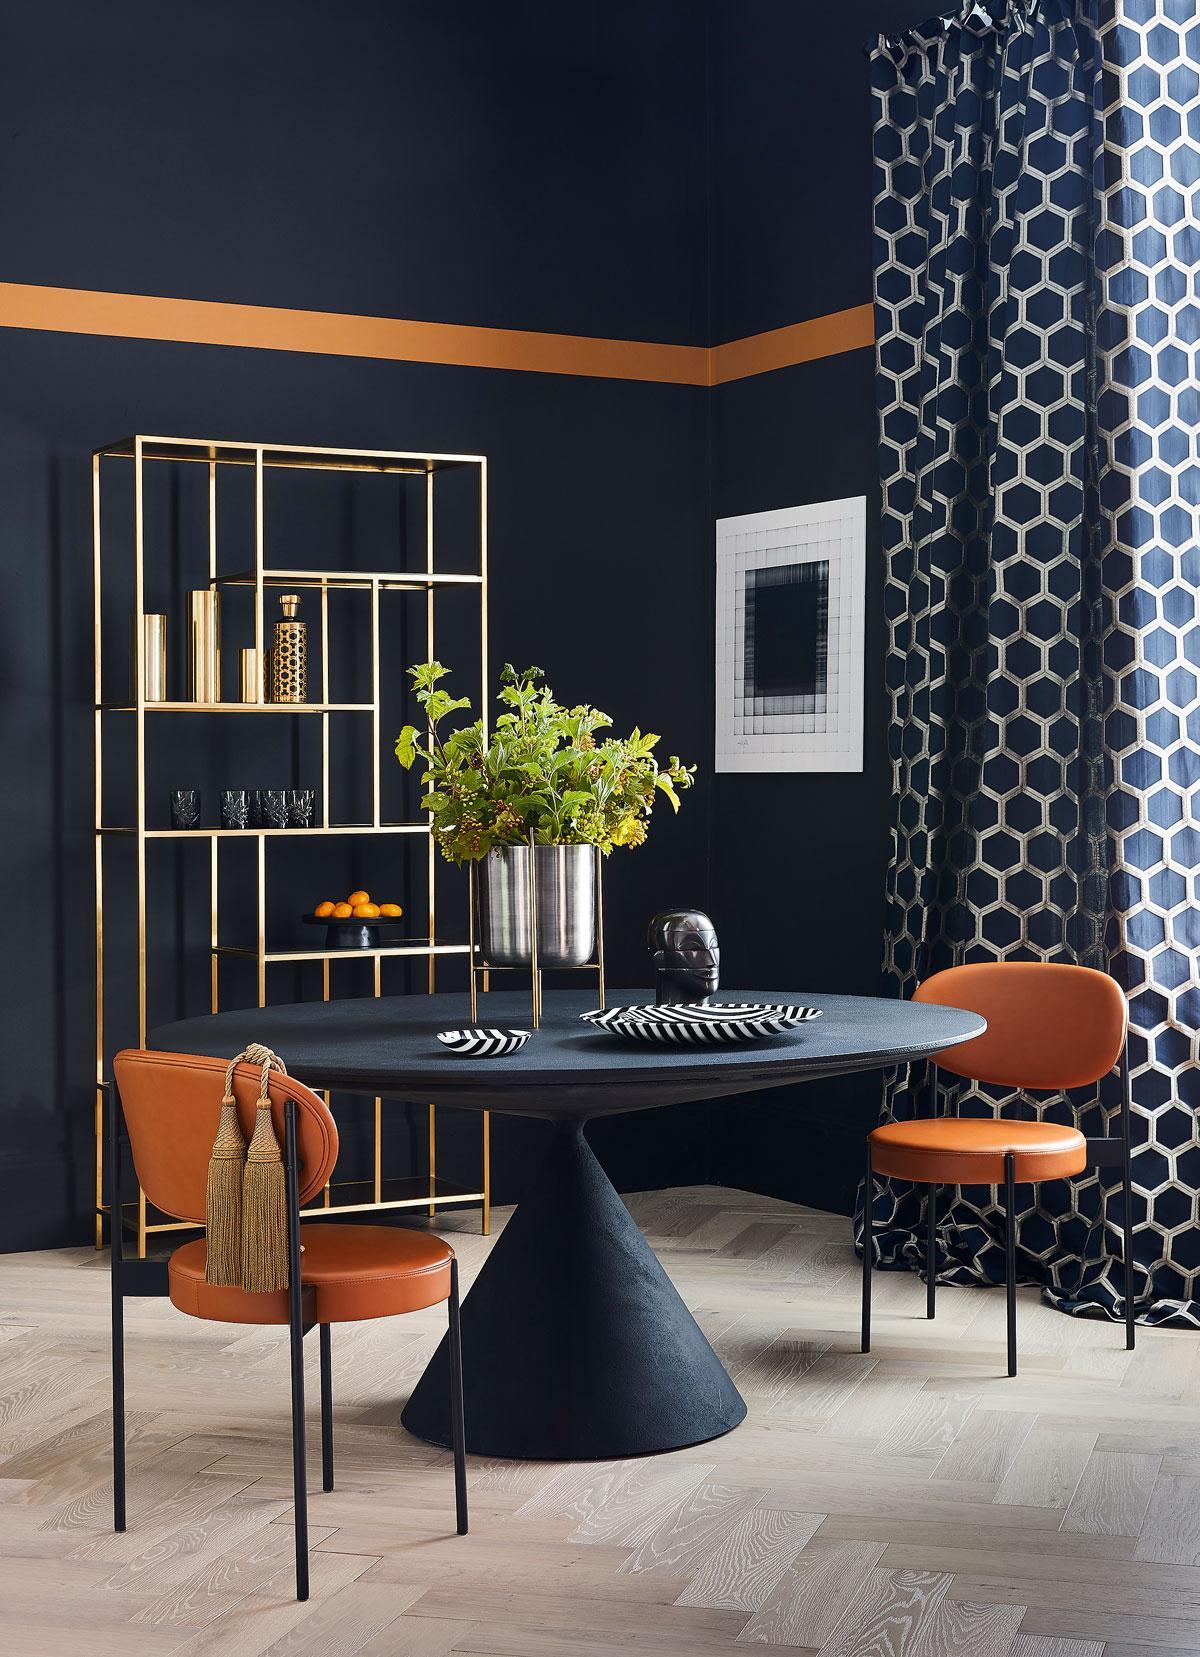 Интерьер 2019 года: новинки дизайна квартир и домов ...